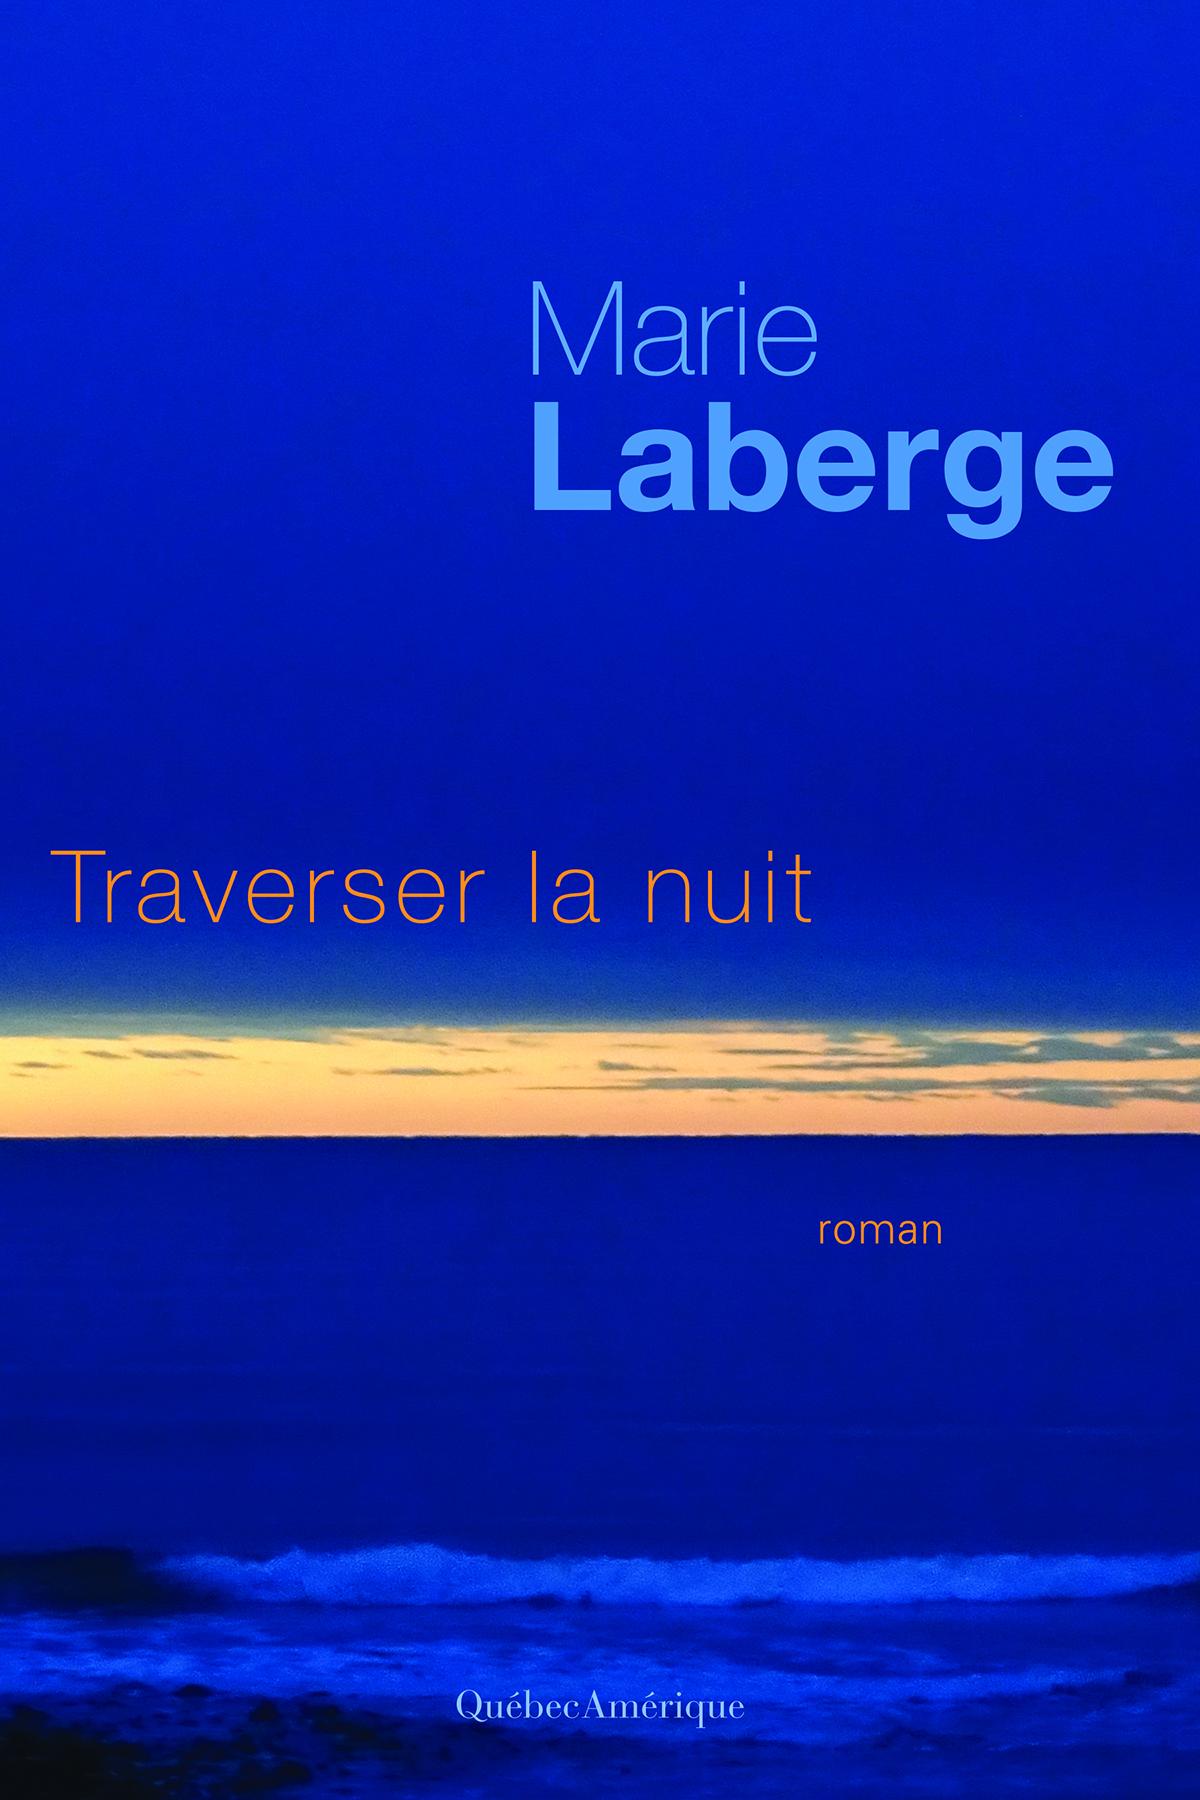 63_2019-01-R-traverser